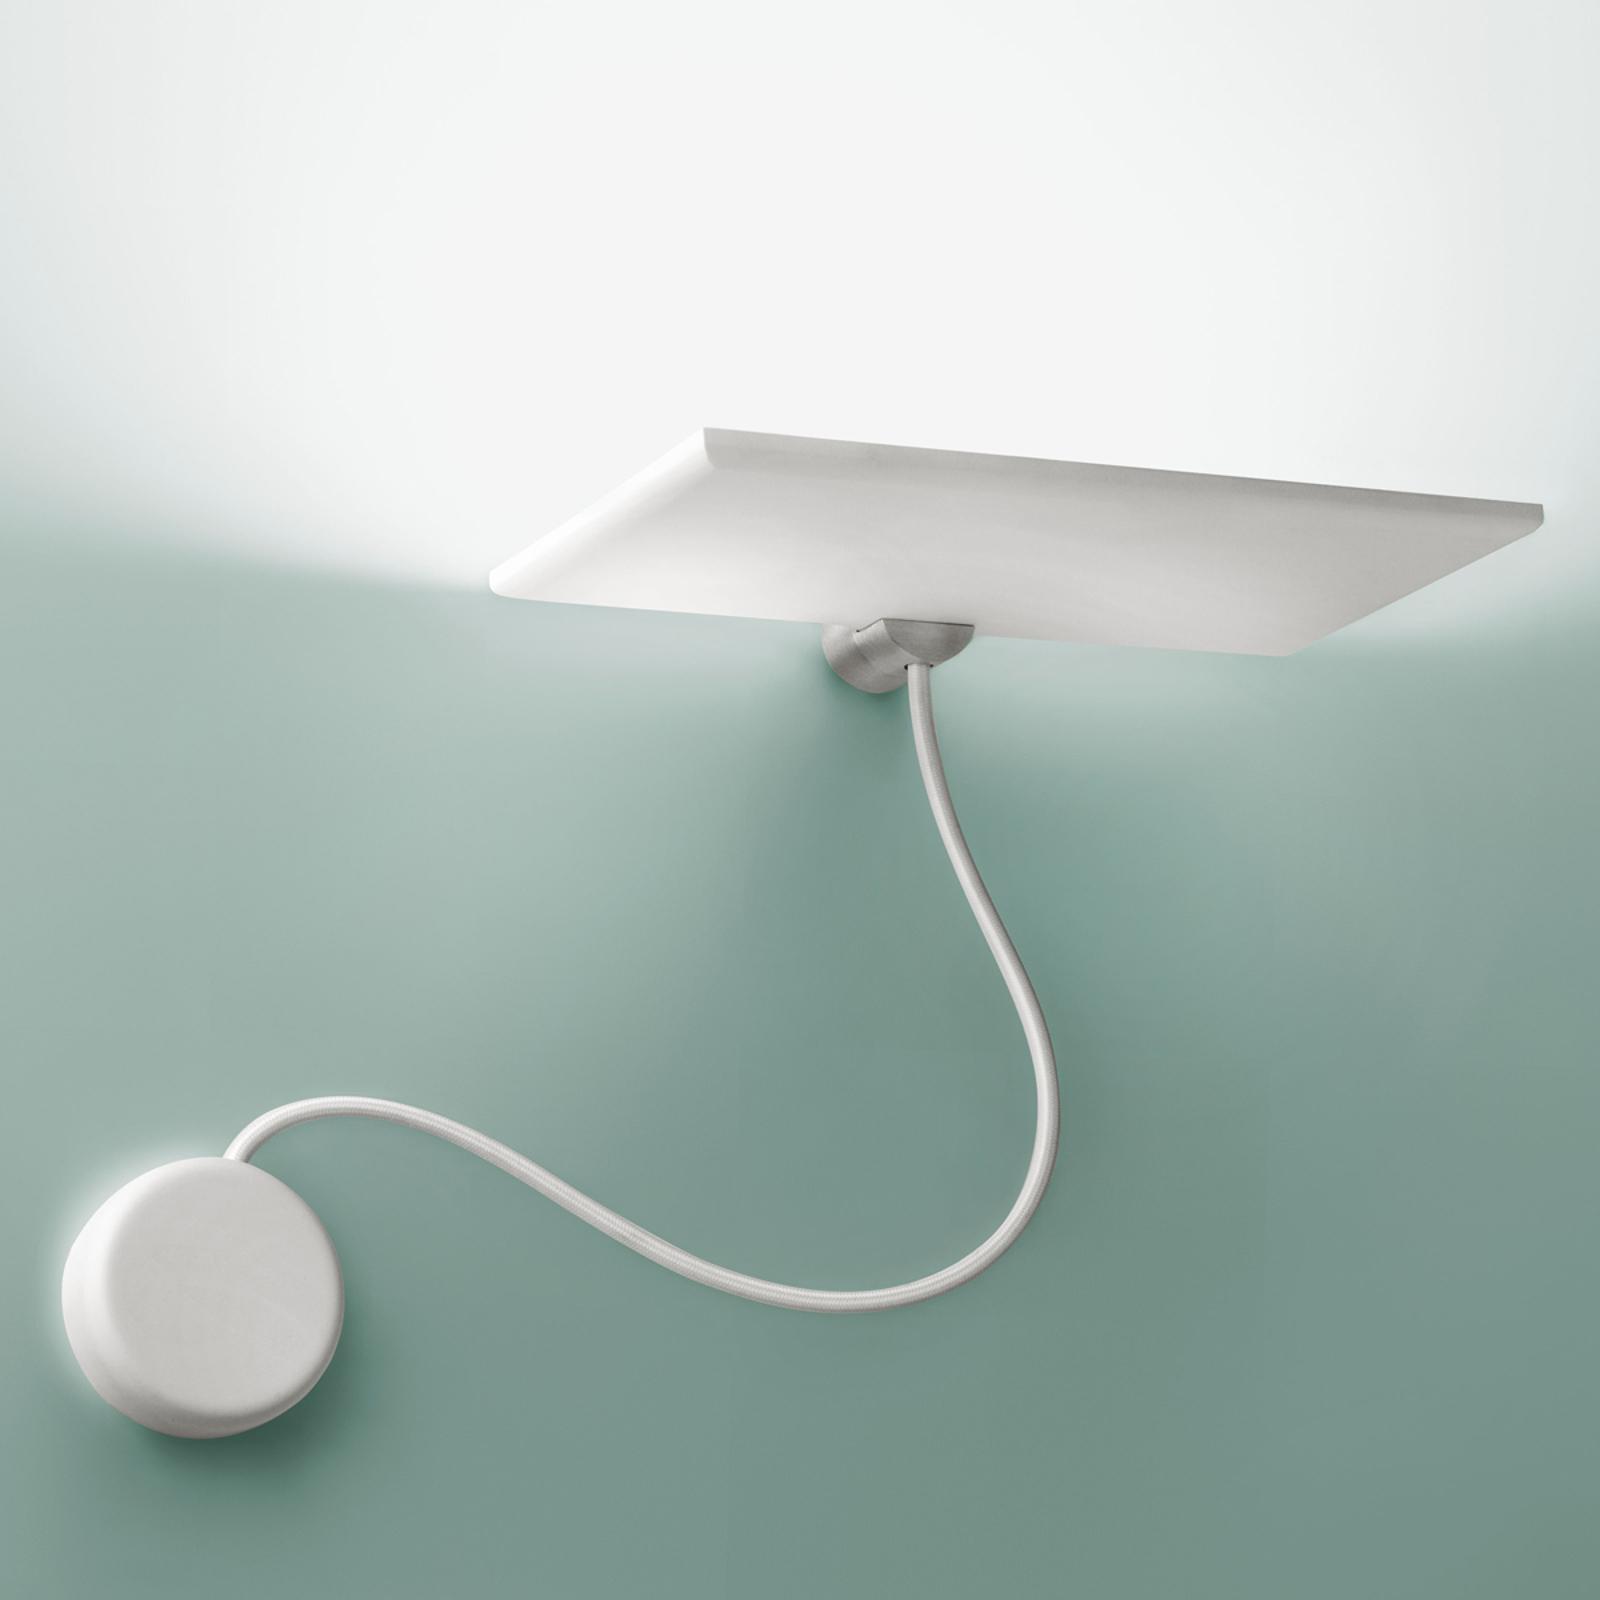 ICONE GiuUp LED-uplight væglampe, dec. 20 W, hvid